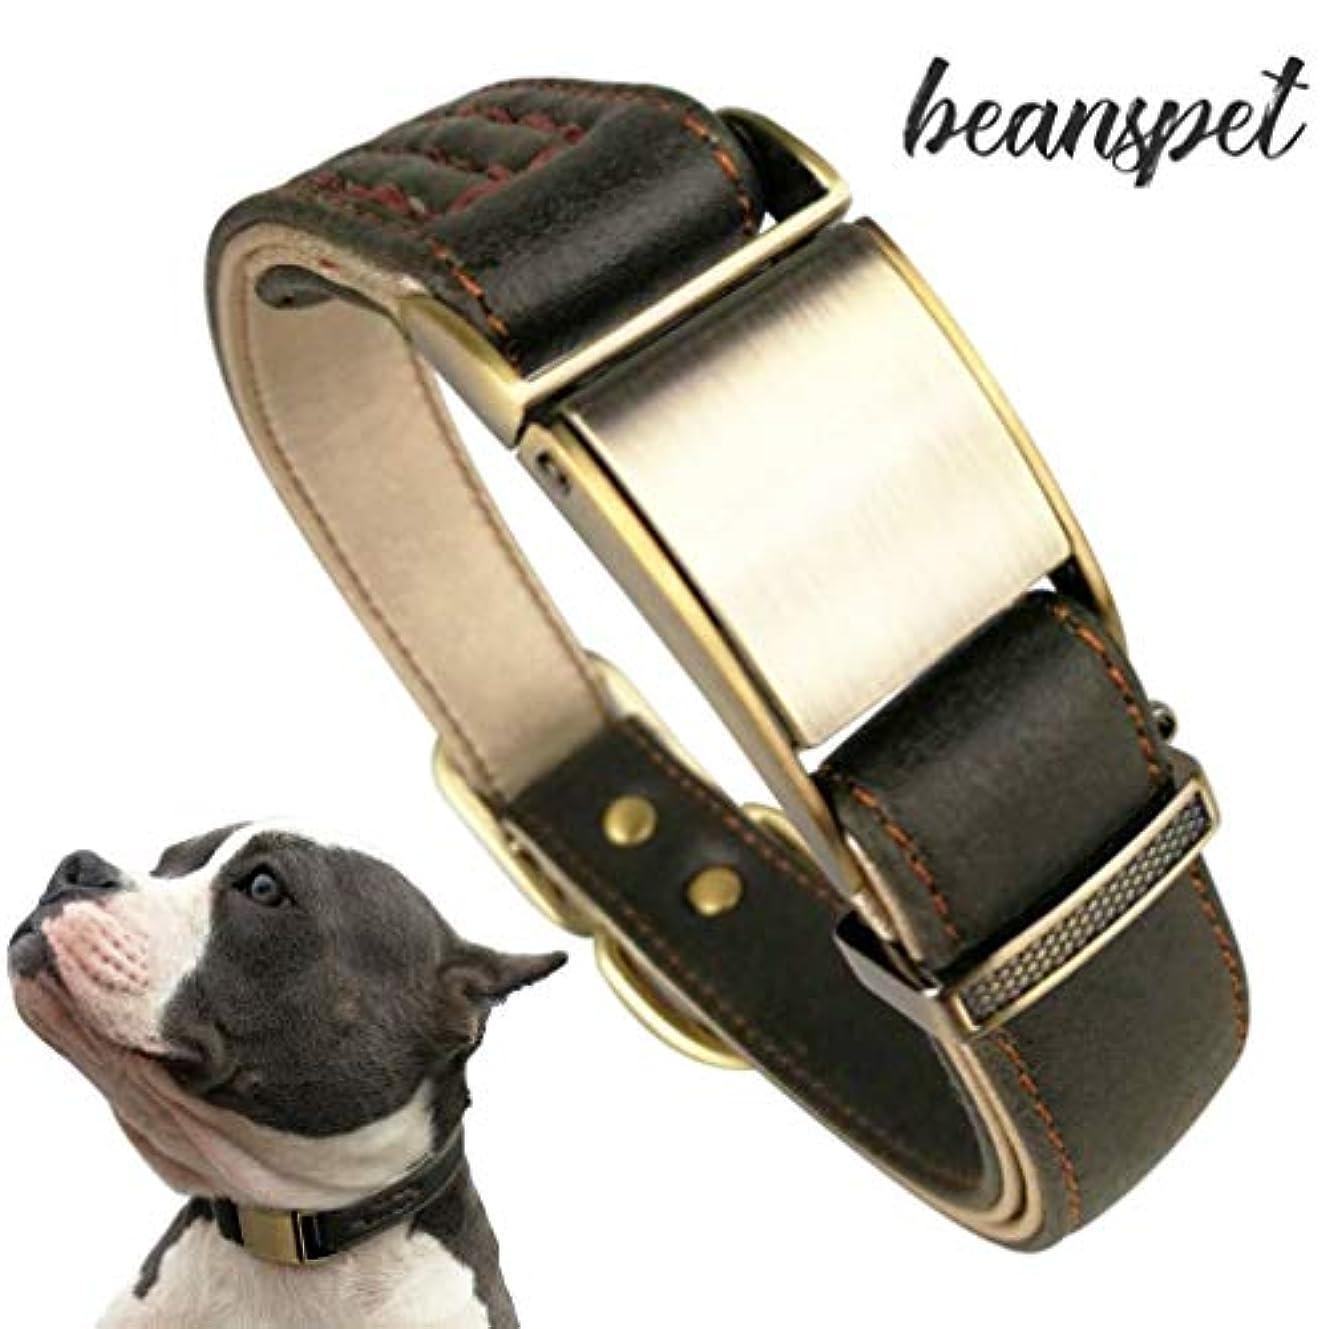 理由店員に慣れbeanspet 犬 ワンタッチ 首輪 犬首輪 革 おしゃれ かわいい 犬の首輪 いぬ くびわ 犬用品 犬用 カラー レザー (S, ダークグリーン)